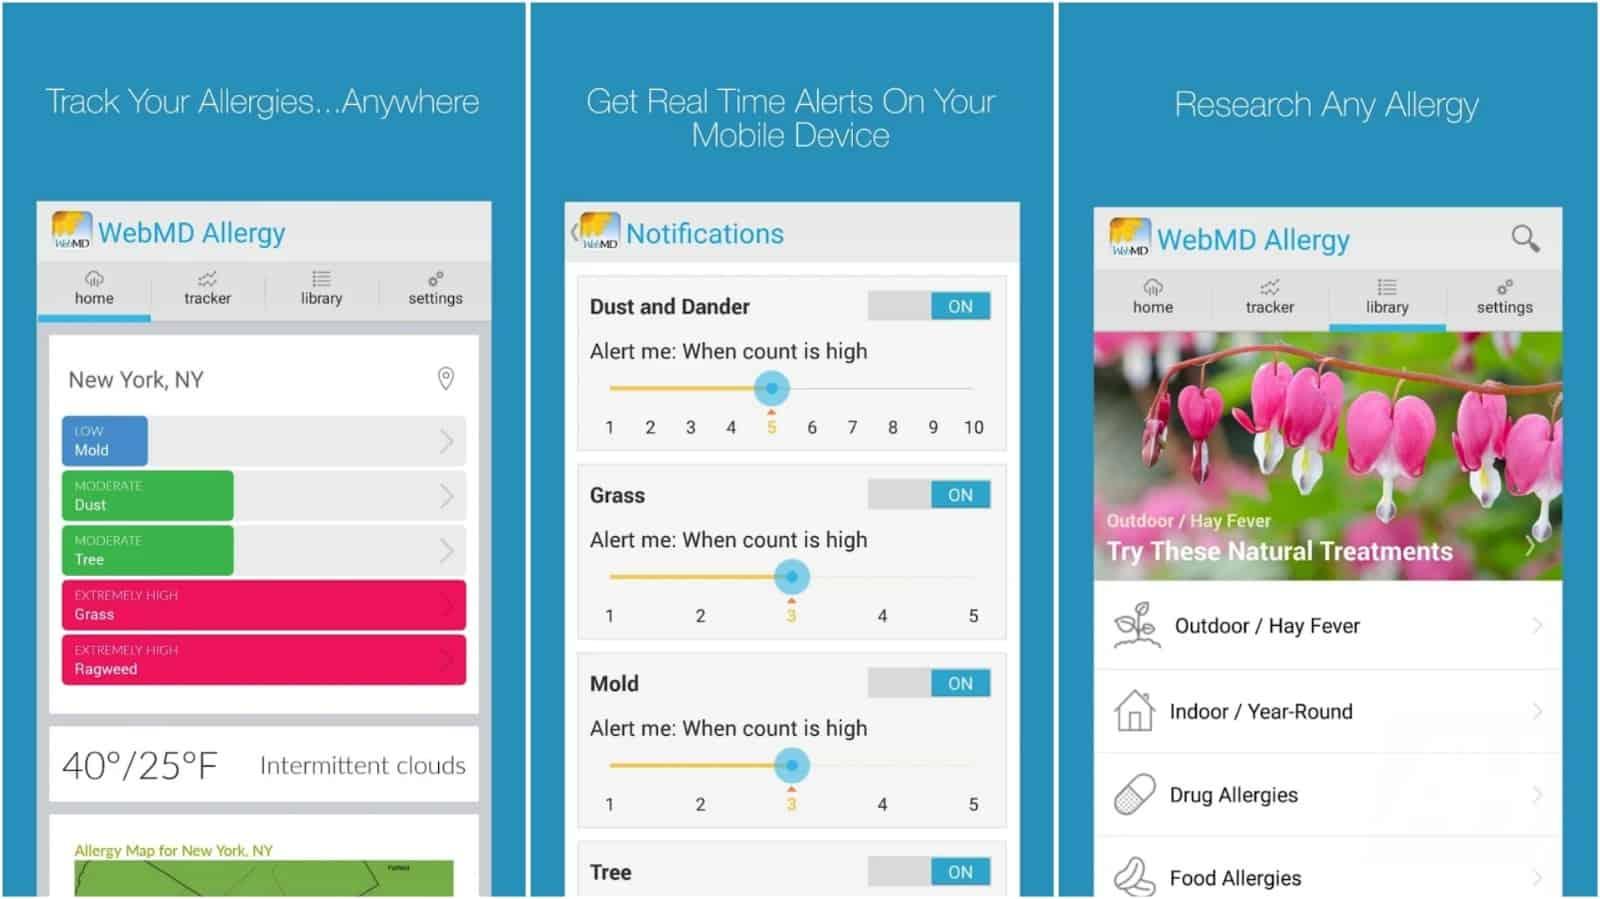 WebMD Allergy app grid image